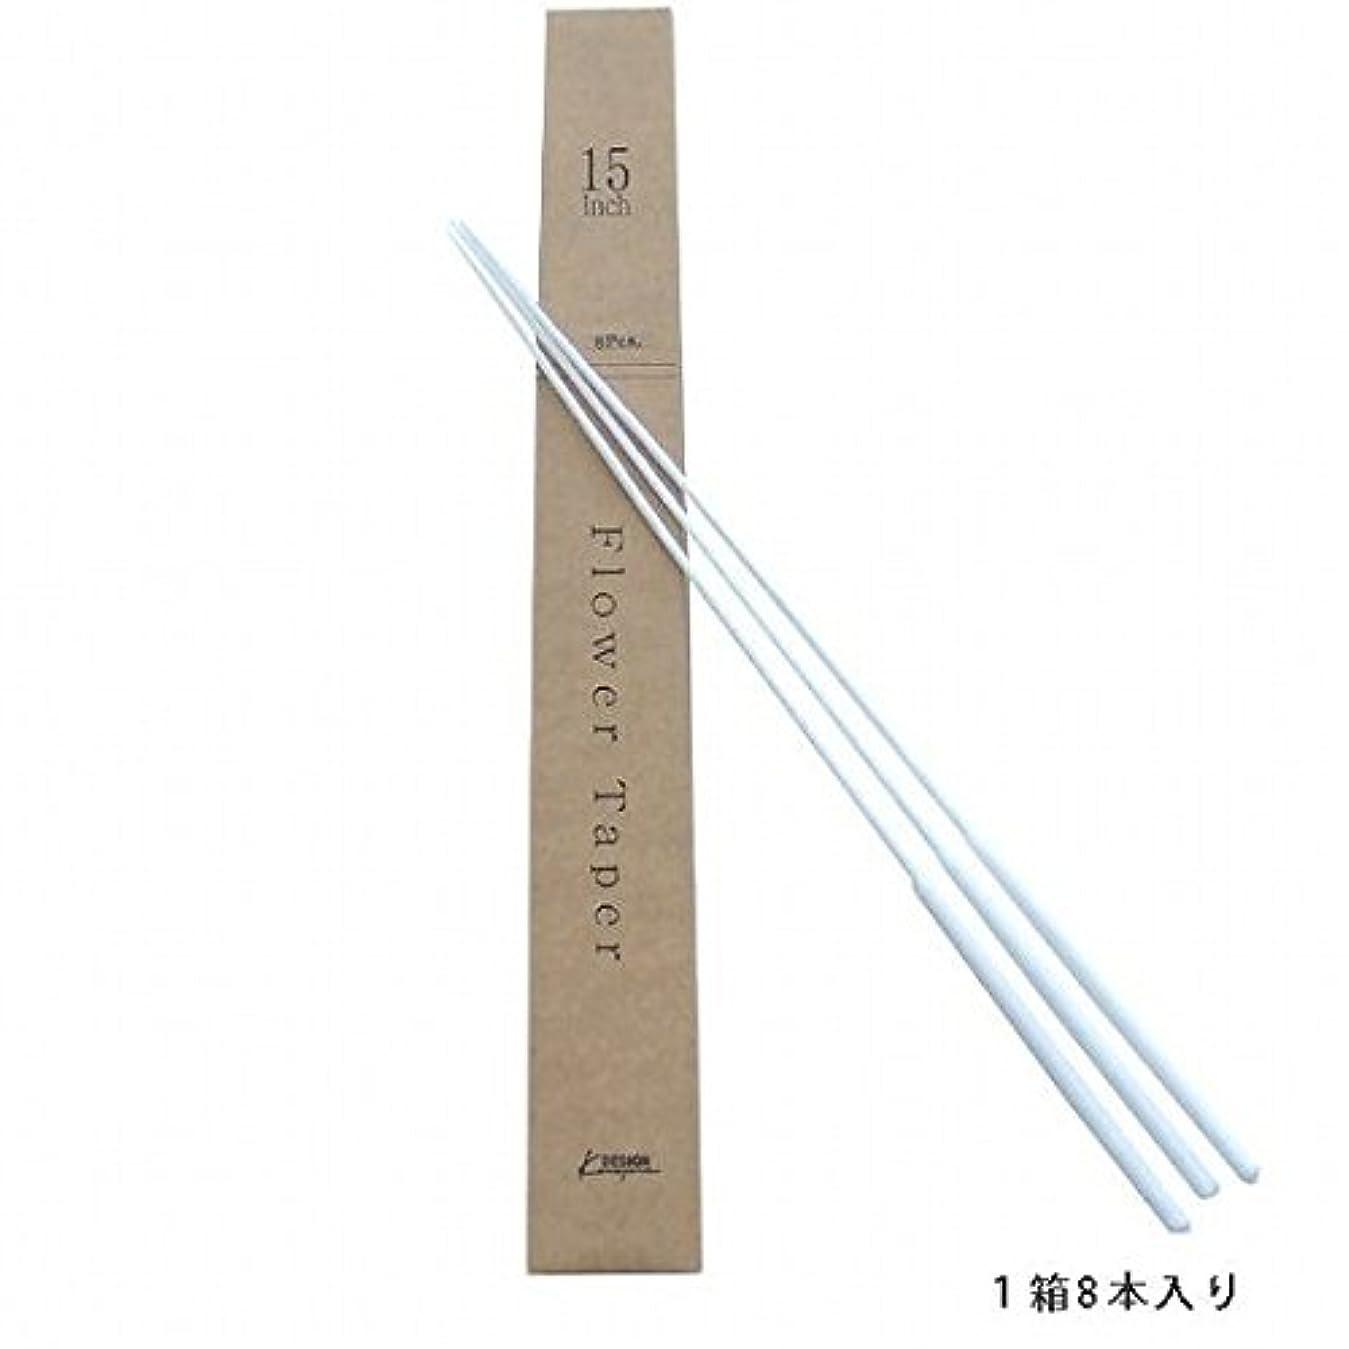 近代化滅多子供時代kameyama candle(カメヤマキャンドル) 15インチトーチ用フラワーテーパー 8本入 「 ホワイト 」(71839998W)